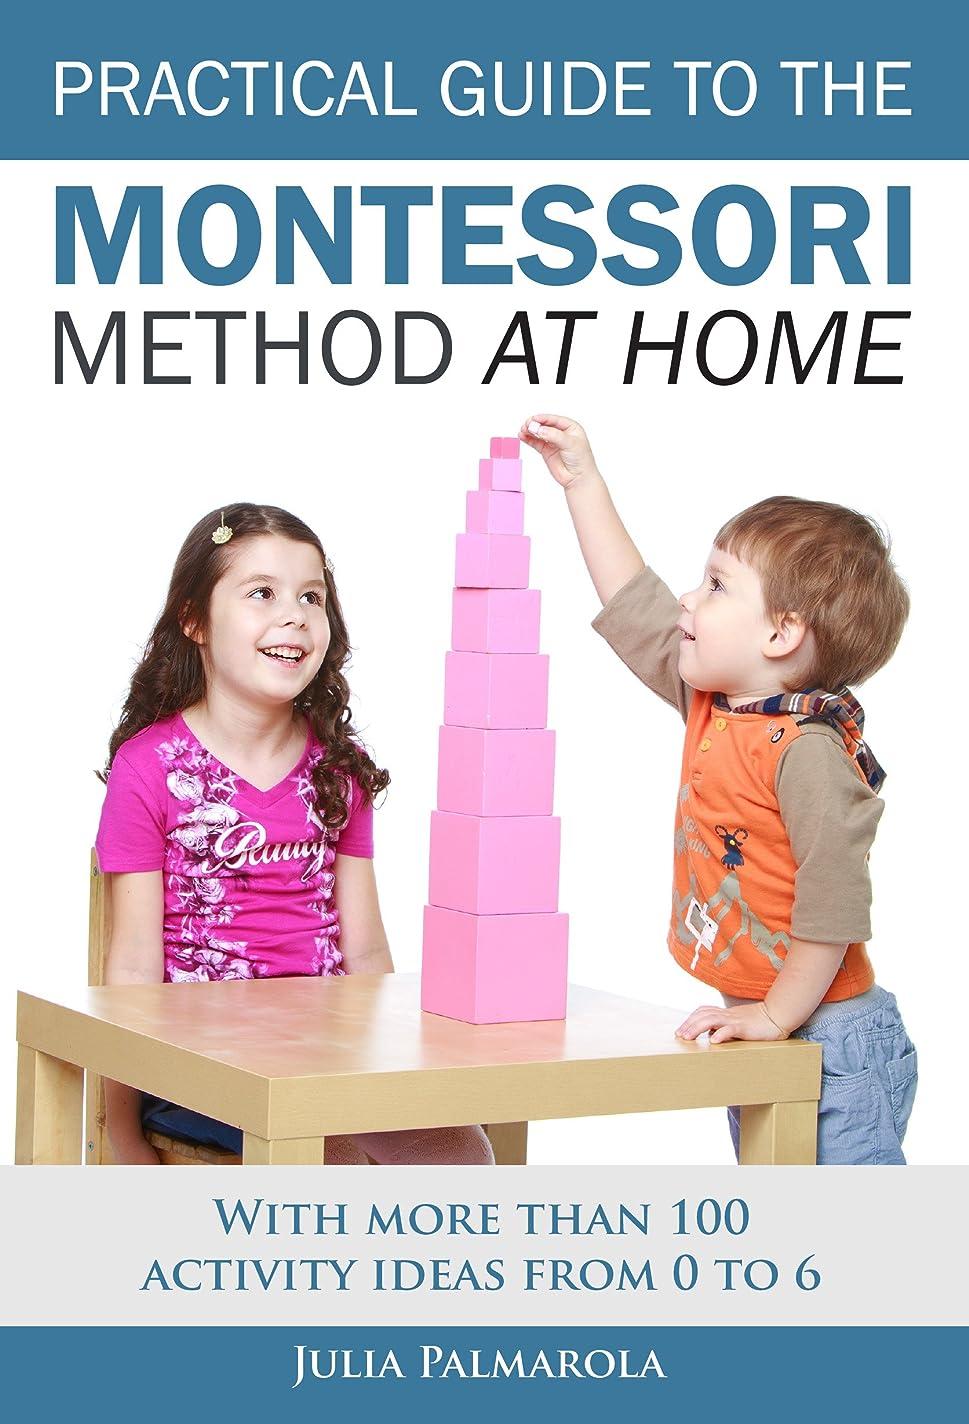 悪行付録かすかなPractical Guide to the Montessori Method at Home: With more than 100 activity ideas from 0 to 6 (English Edition)